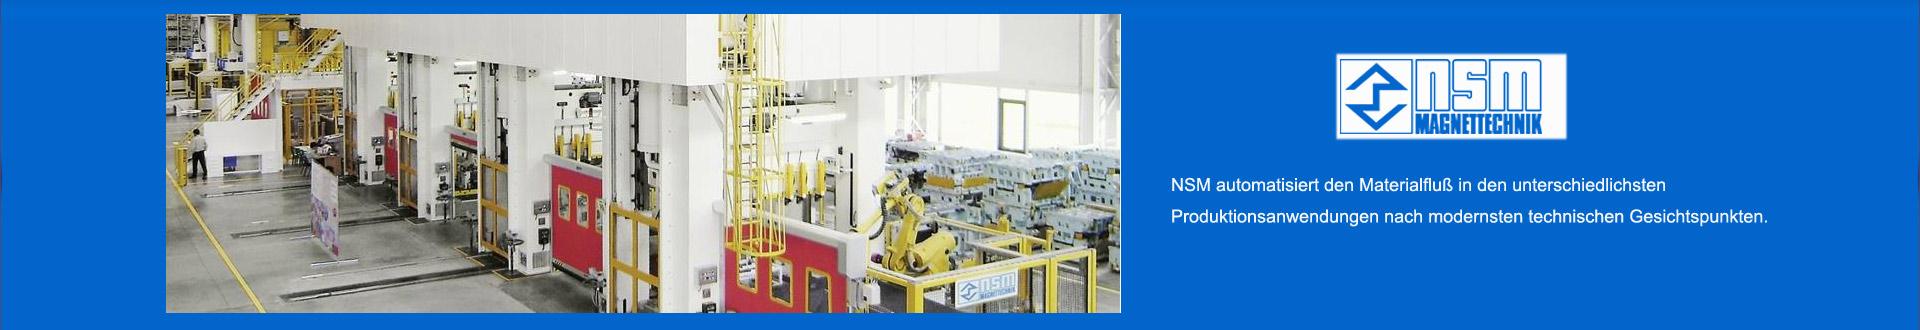 Belt conveyor hopper / feed bin-NSM MAGNETTECHNIK GmbH